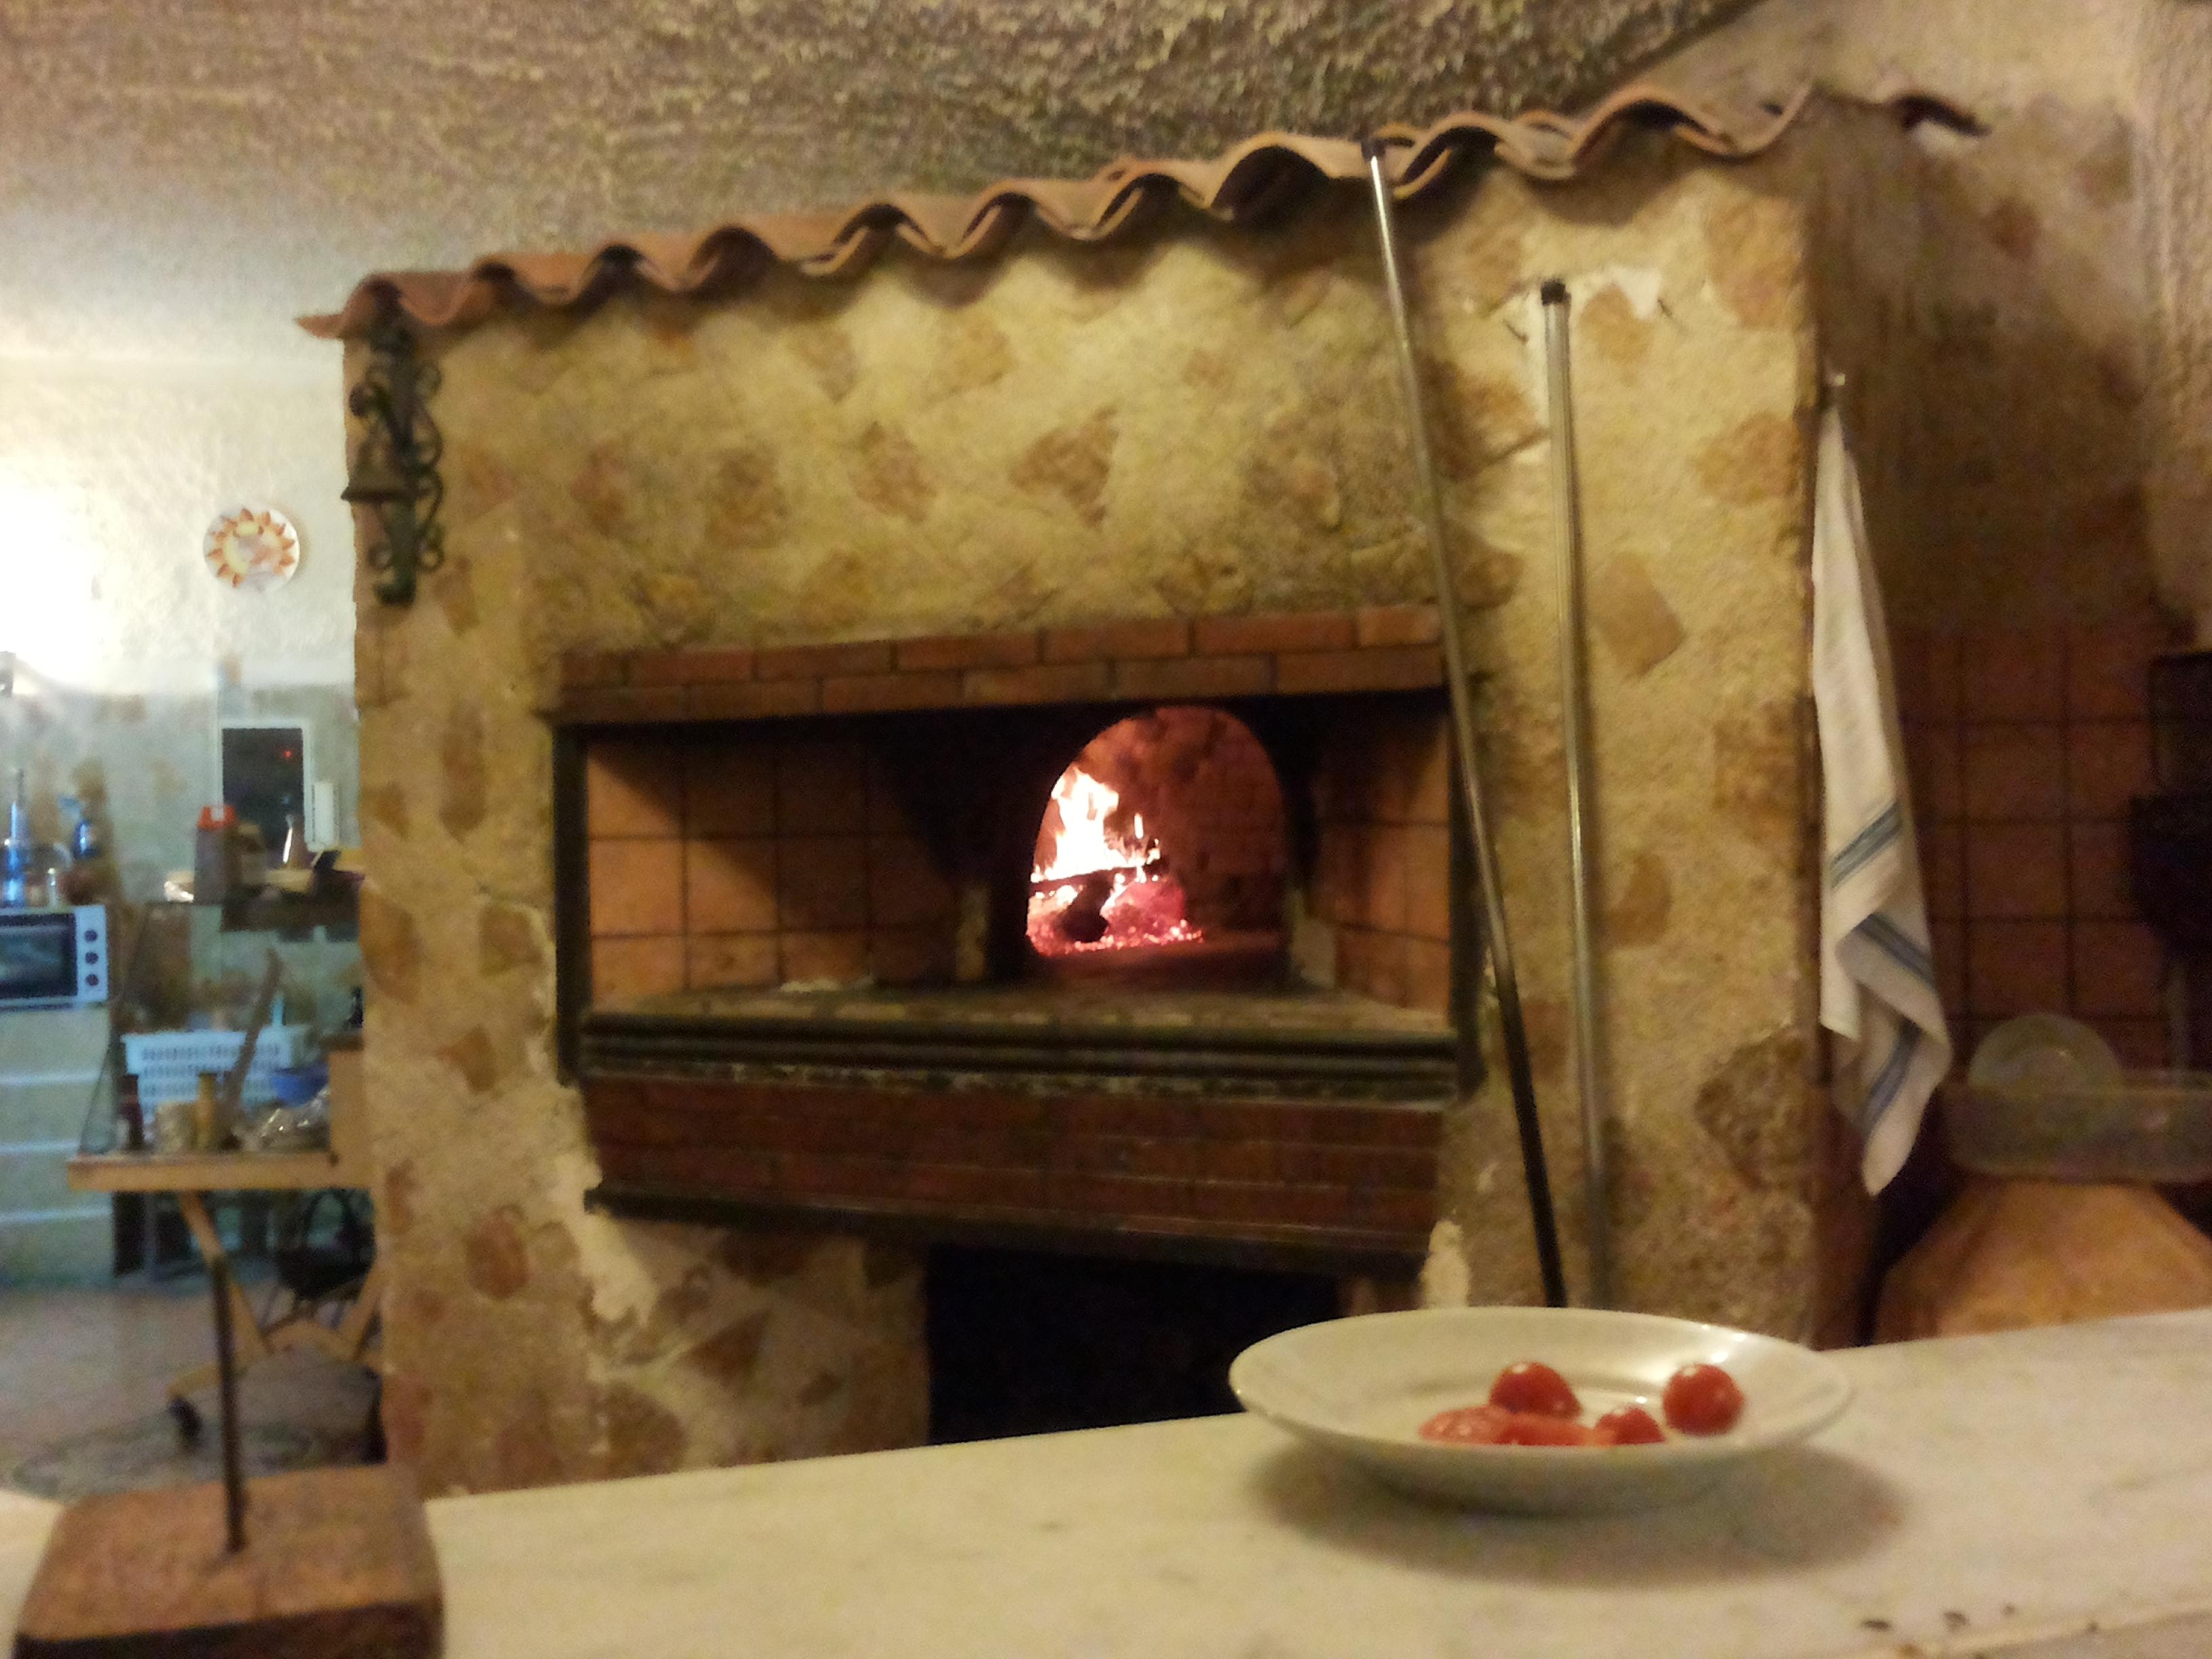 """Forno A Legna Immagini file:forno a legna - pizzeria """"lu parrinaru"""", partinico"""